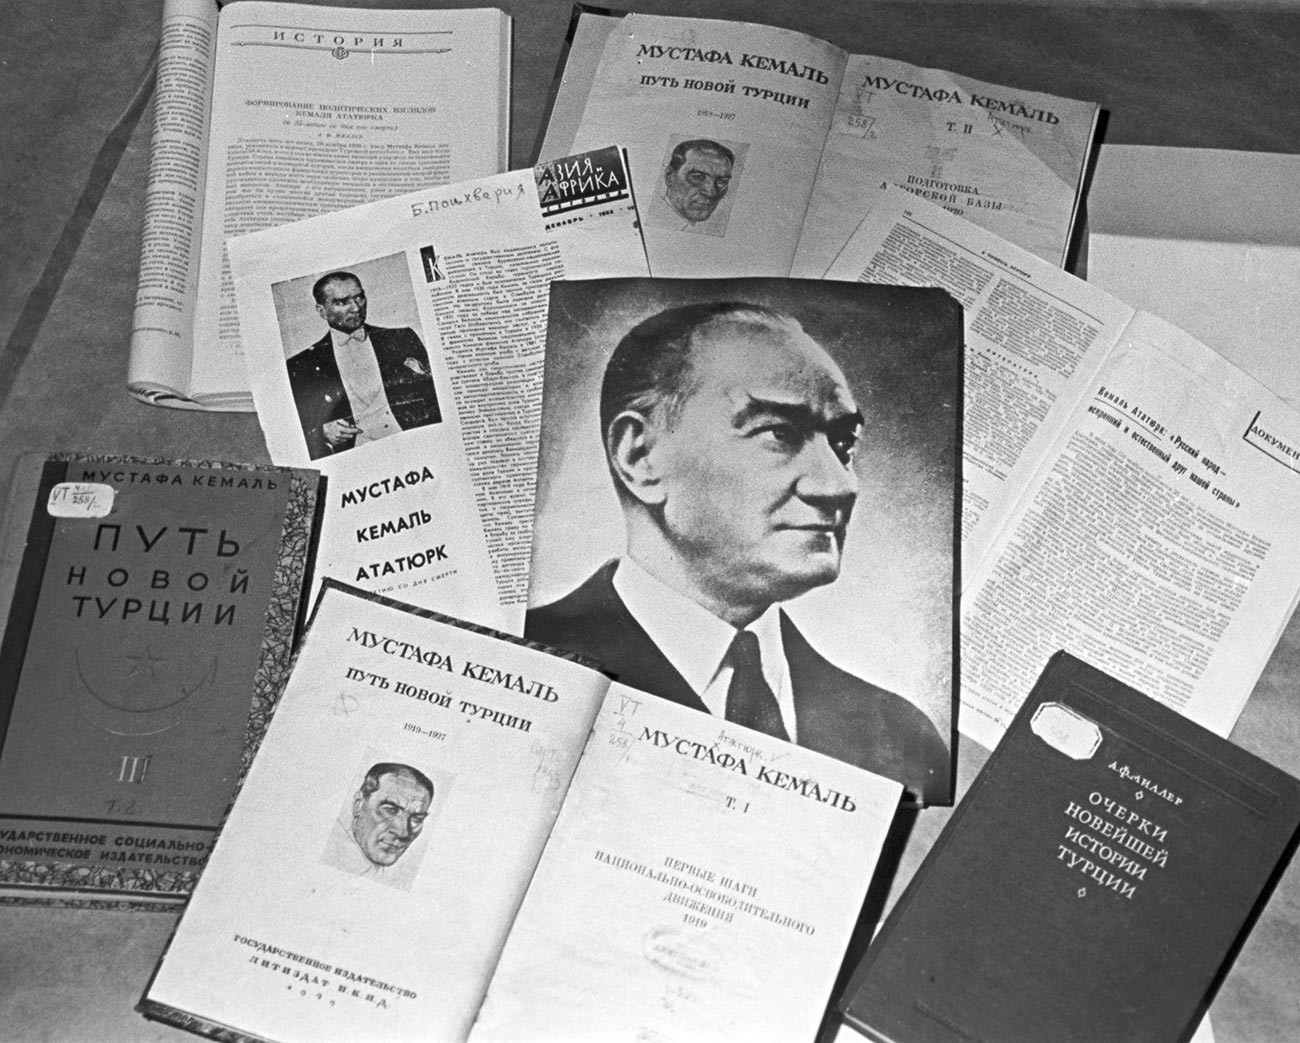 Дела Мустафе Кемала Ататурка, оснивача Турске Републике, преведена на руски језик, и чланци совјетских научника посвећени његовој делатности издати у Совјетском Савезу поводом 25. годишњице Ататуркове смрти.